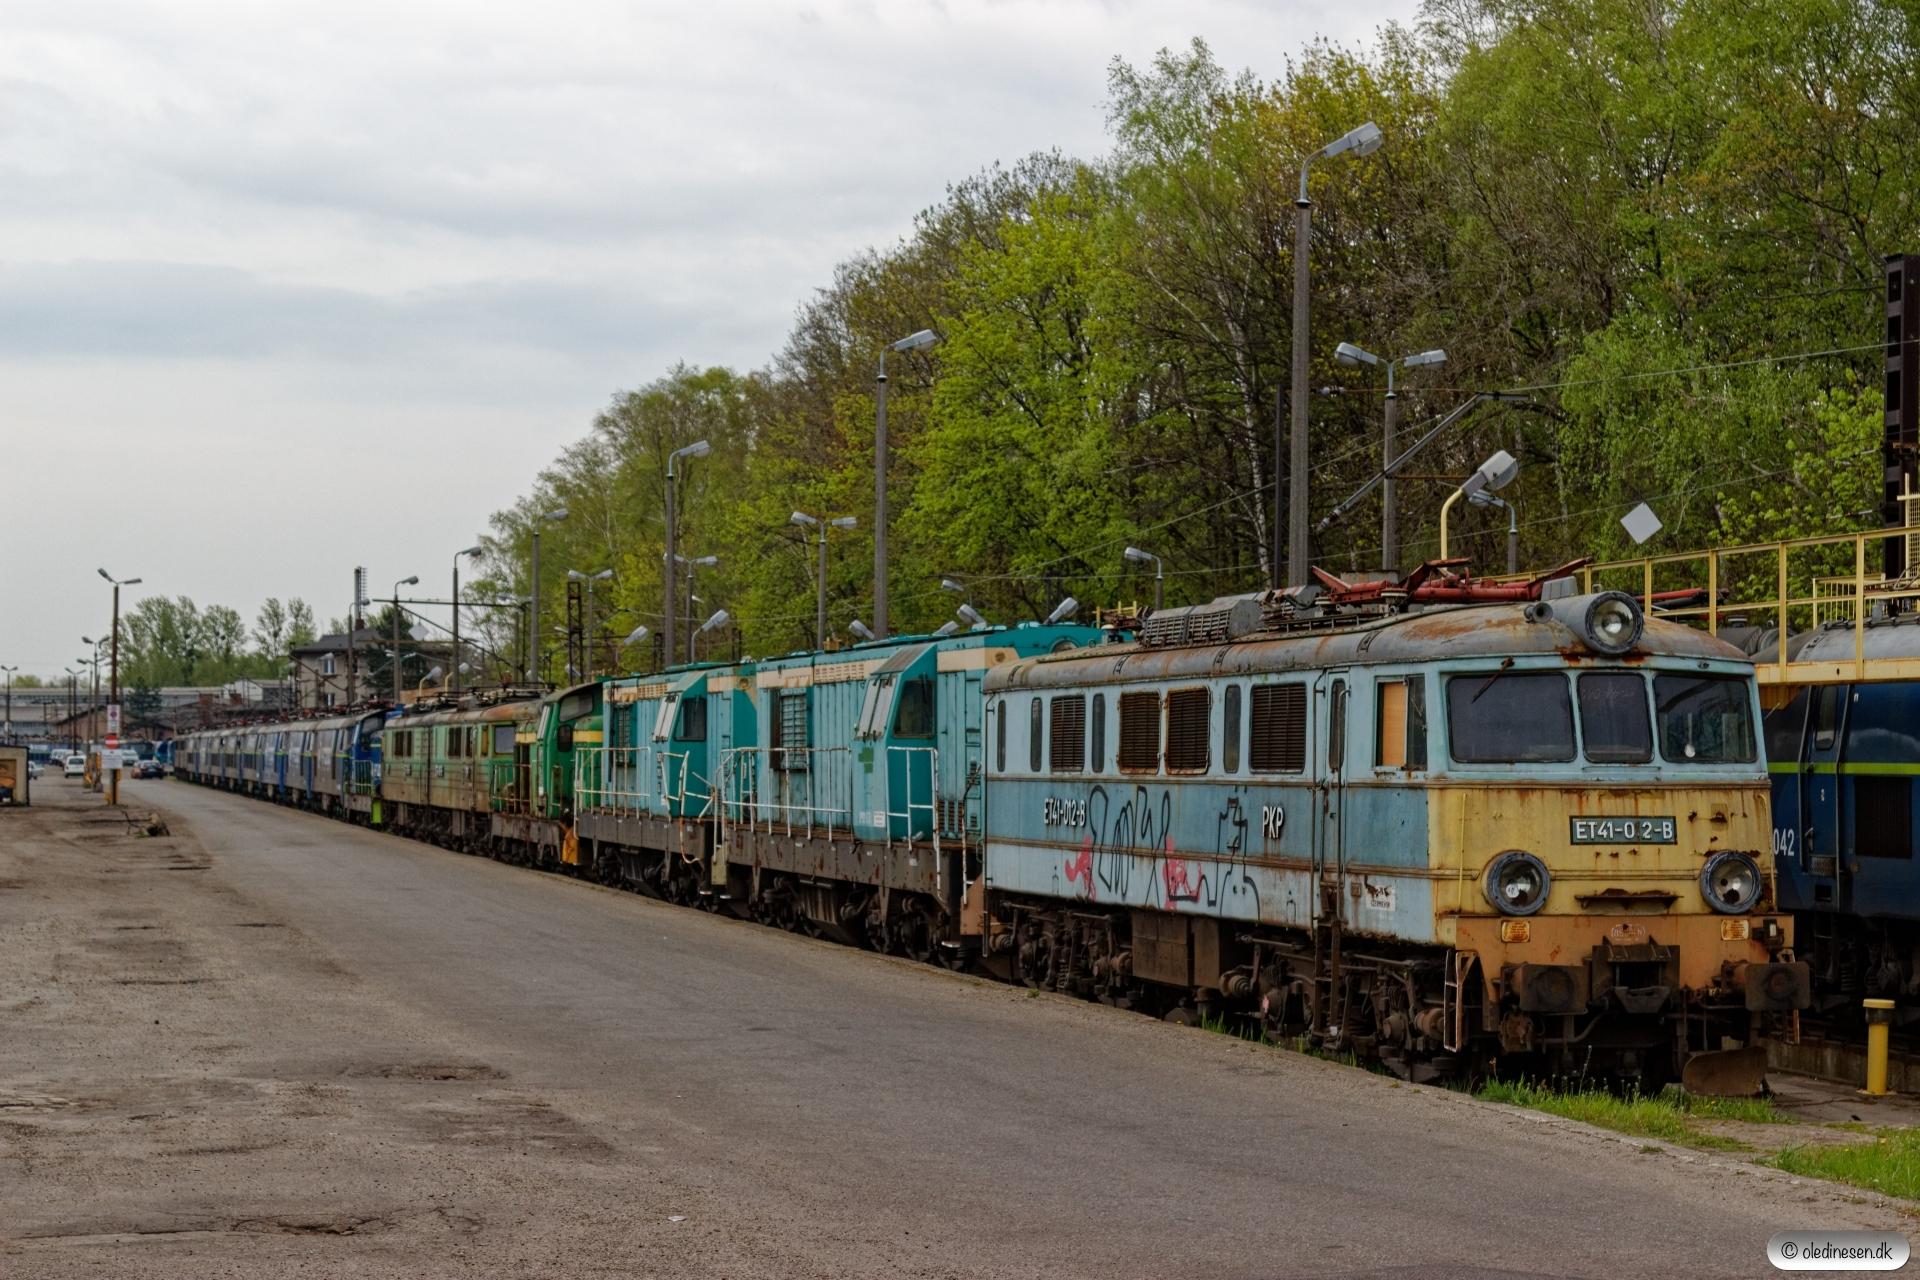 PKPC ET41-012, SM31-078, SM31-053, SM42-412, ET41-183, SM42-338 m.fl. hensat. Rybnik 23.04.2019 kl. 18.30.